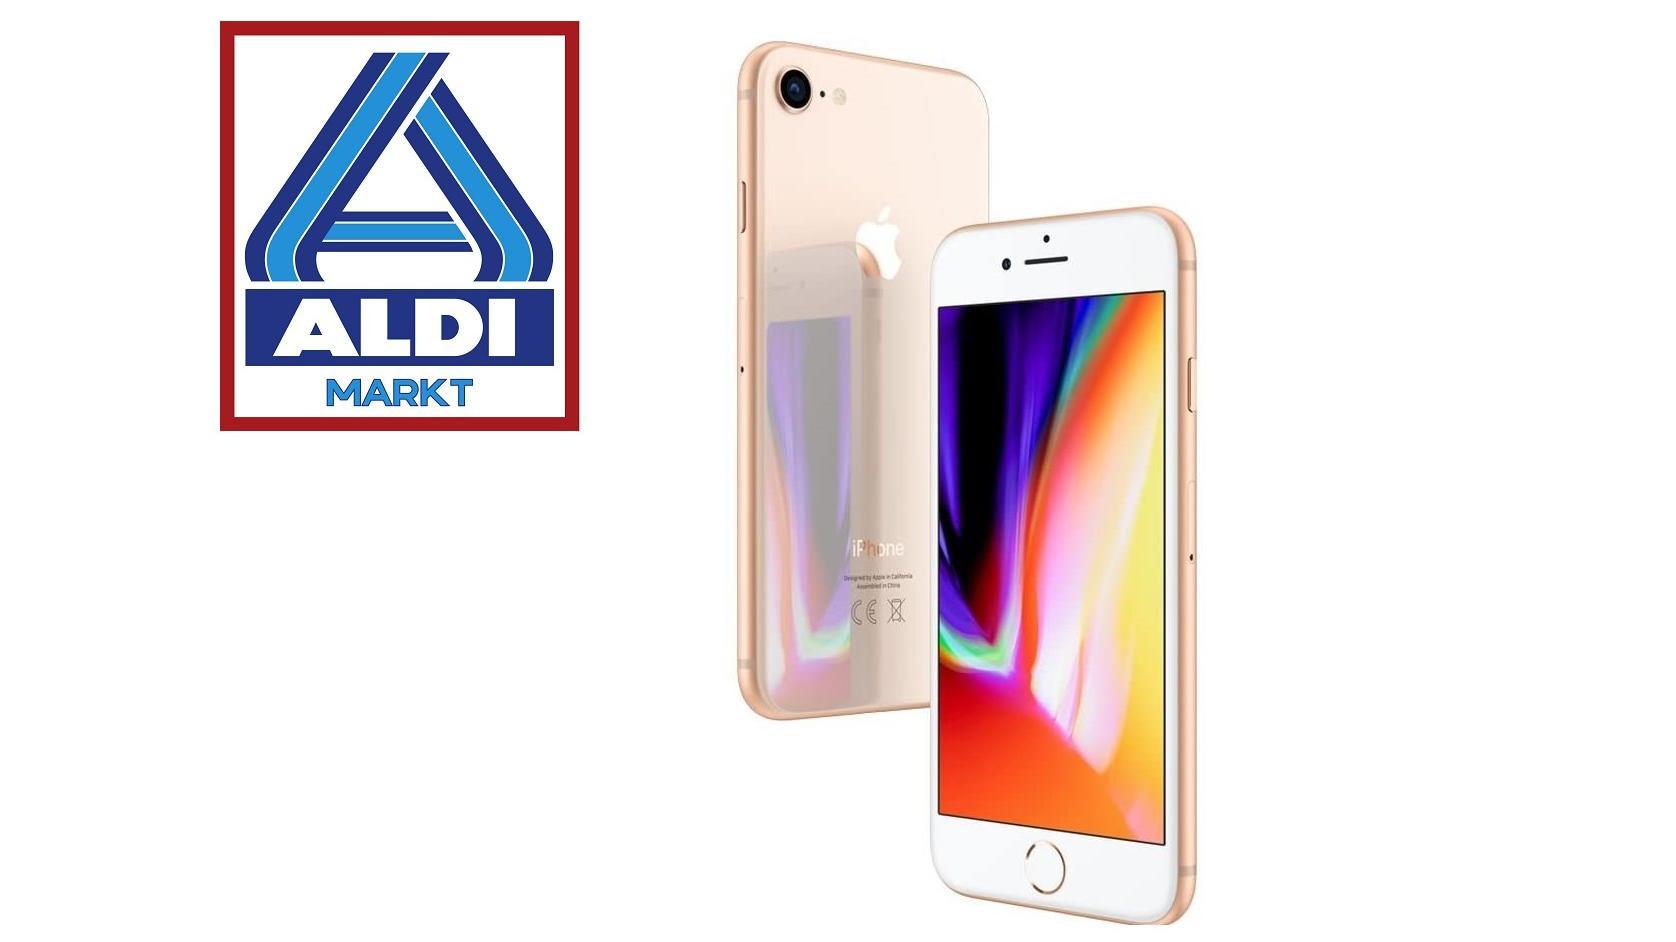 Ab dem 2. Juli bietet Aldi das iPhone 8 für unter 400 Euro an. Ist das ein gutes Angebot?